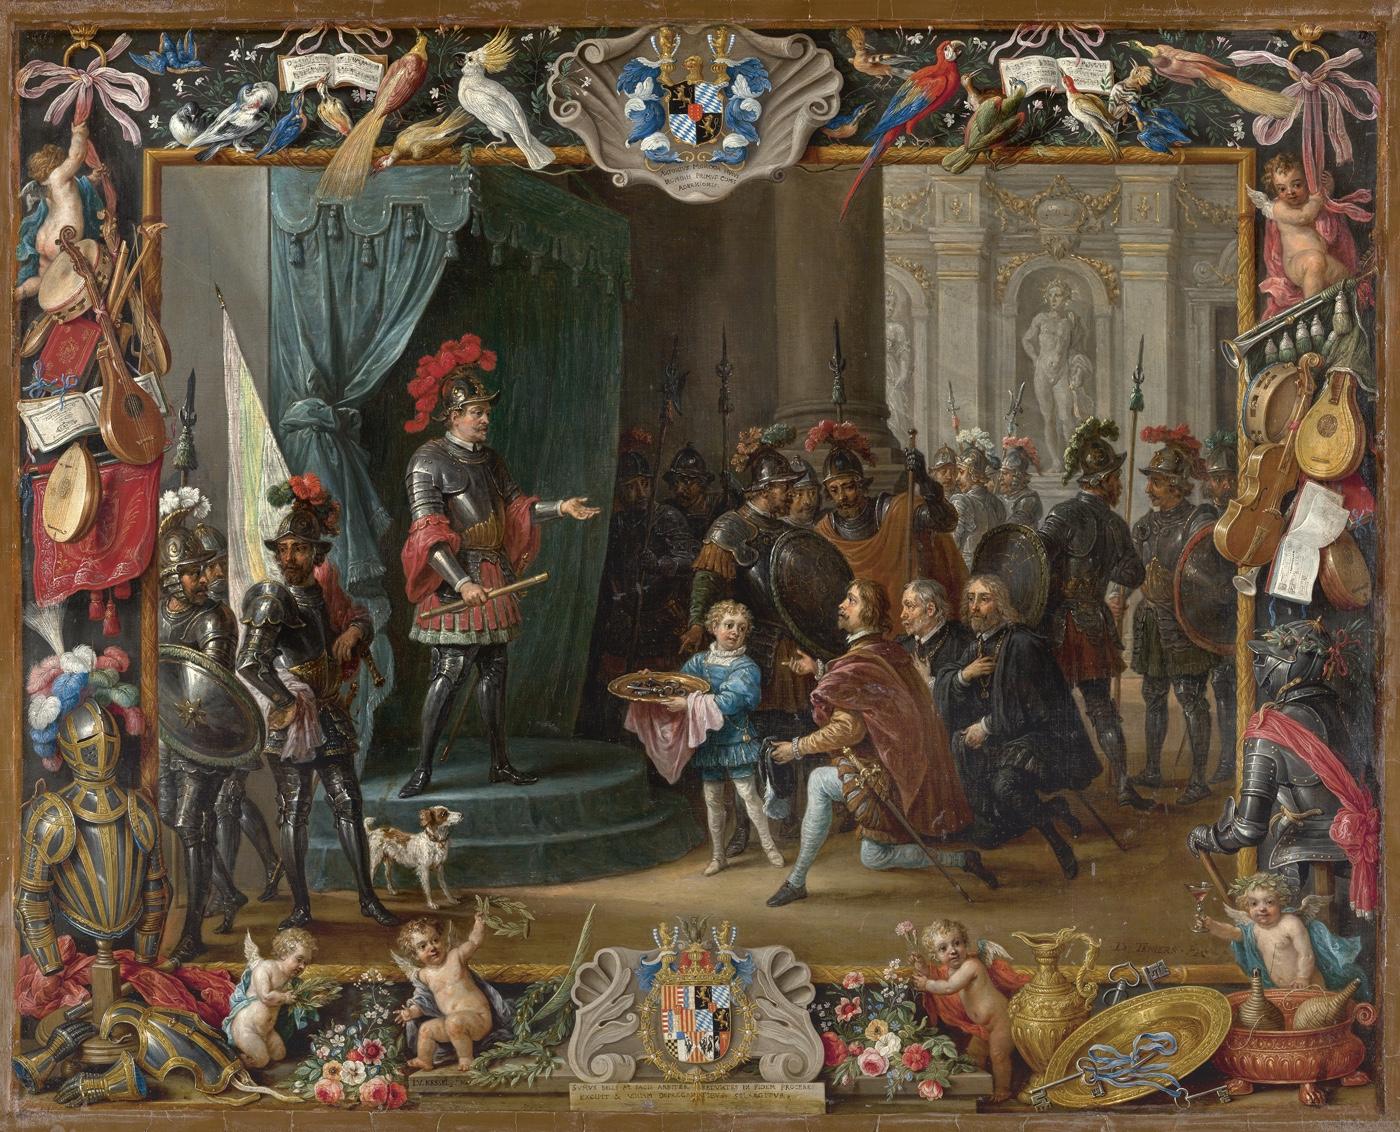 TENIERS II, David y KESSEL II, Jan van_La rendición de los rebeldes sicilianos a Antonio de Moncada en 1411, 1663_ 388 (1969.15) / Stitched Panorama